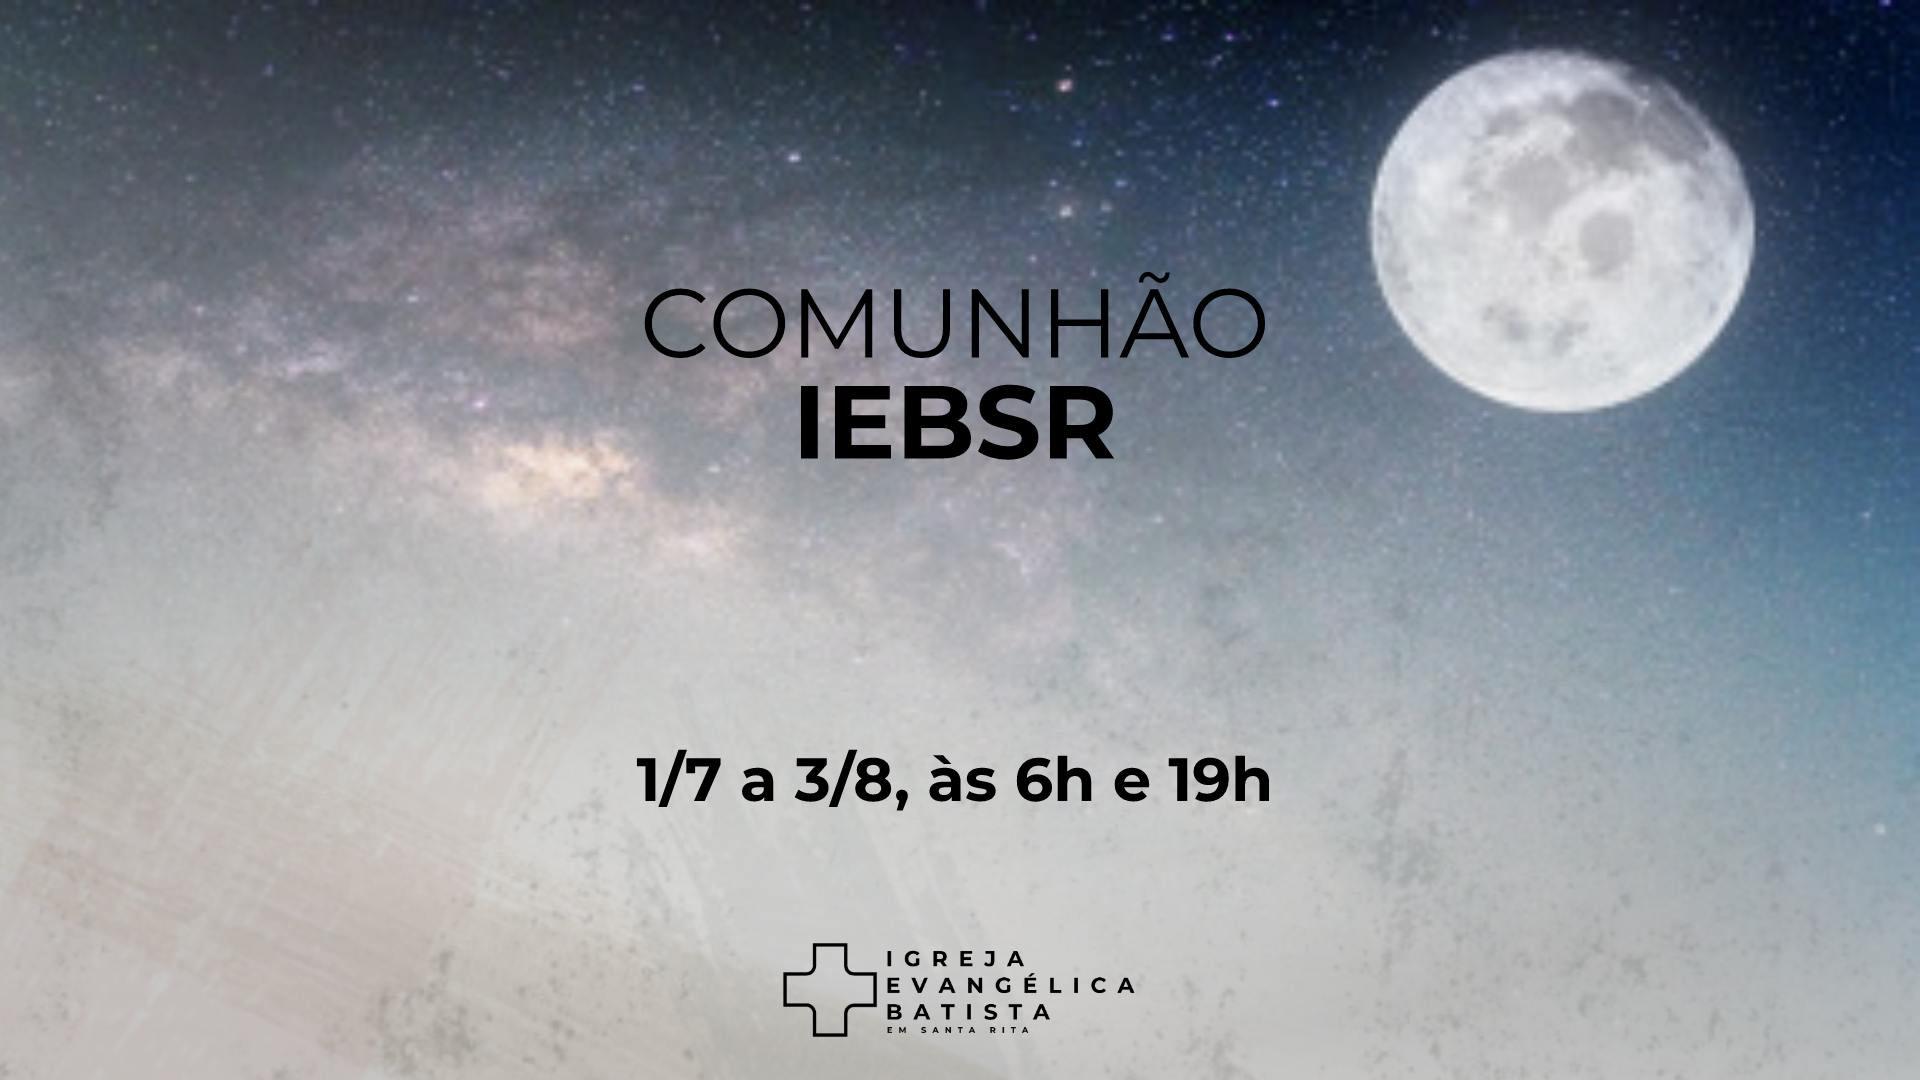 Comunhão IEBSR 1